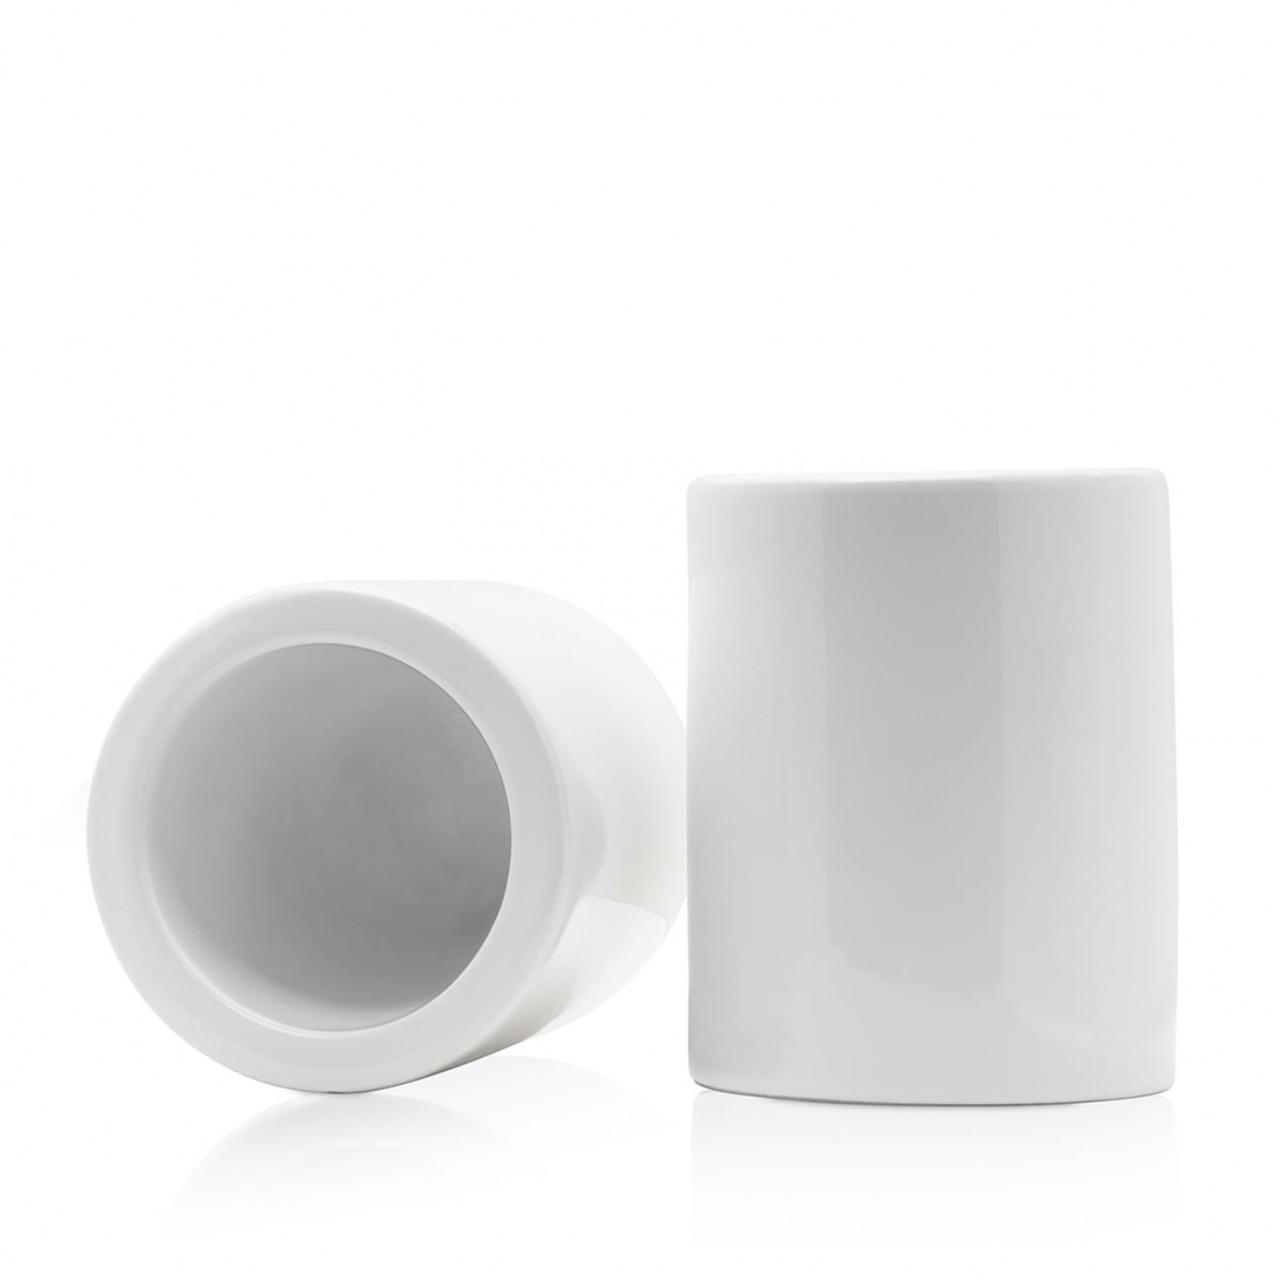 LOOWY Accessoires | Keramikhalter weiß oder schwarz